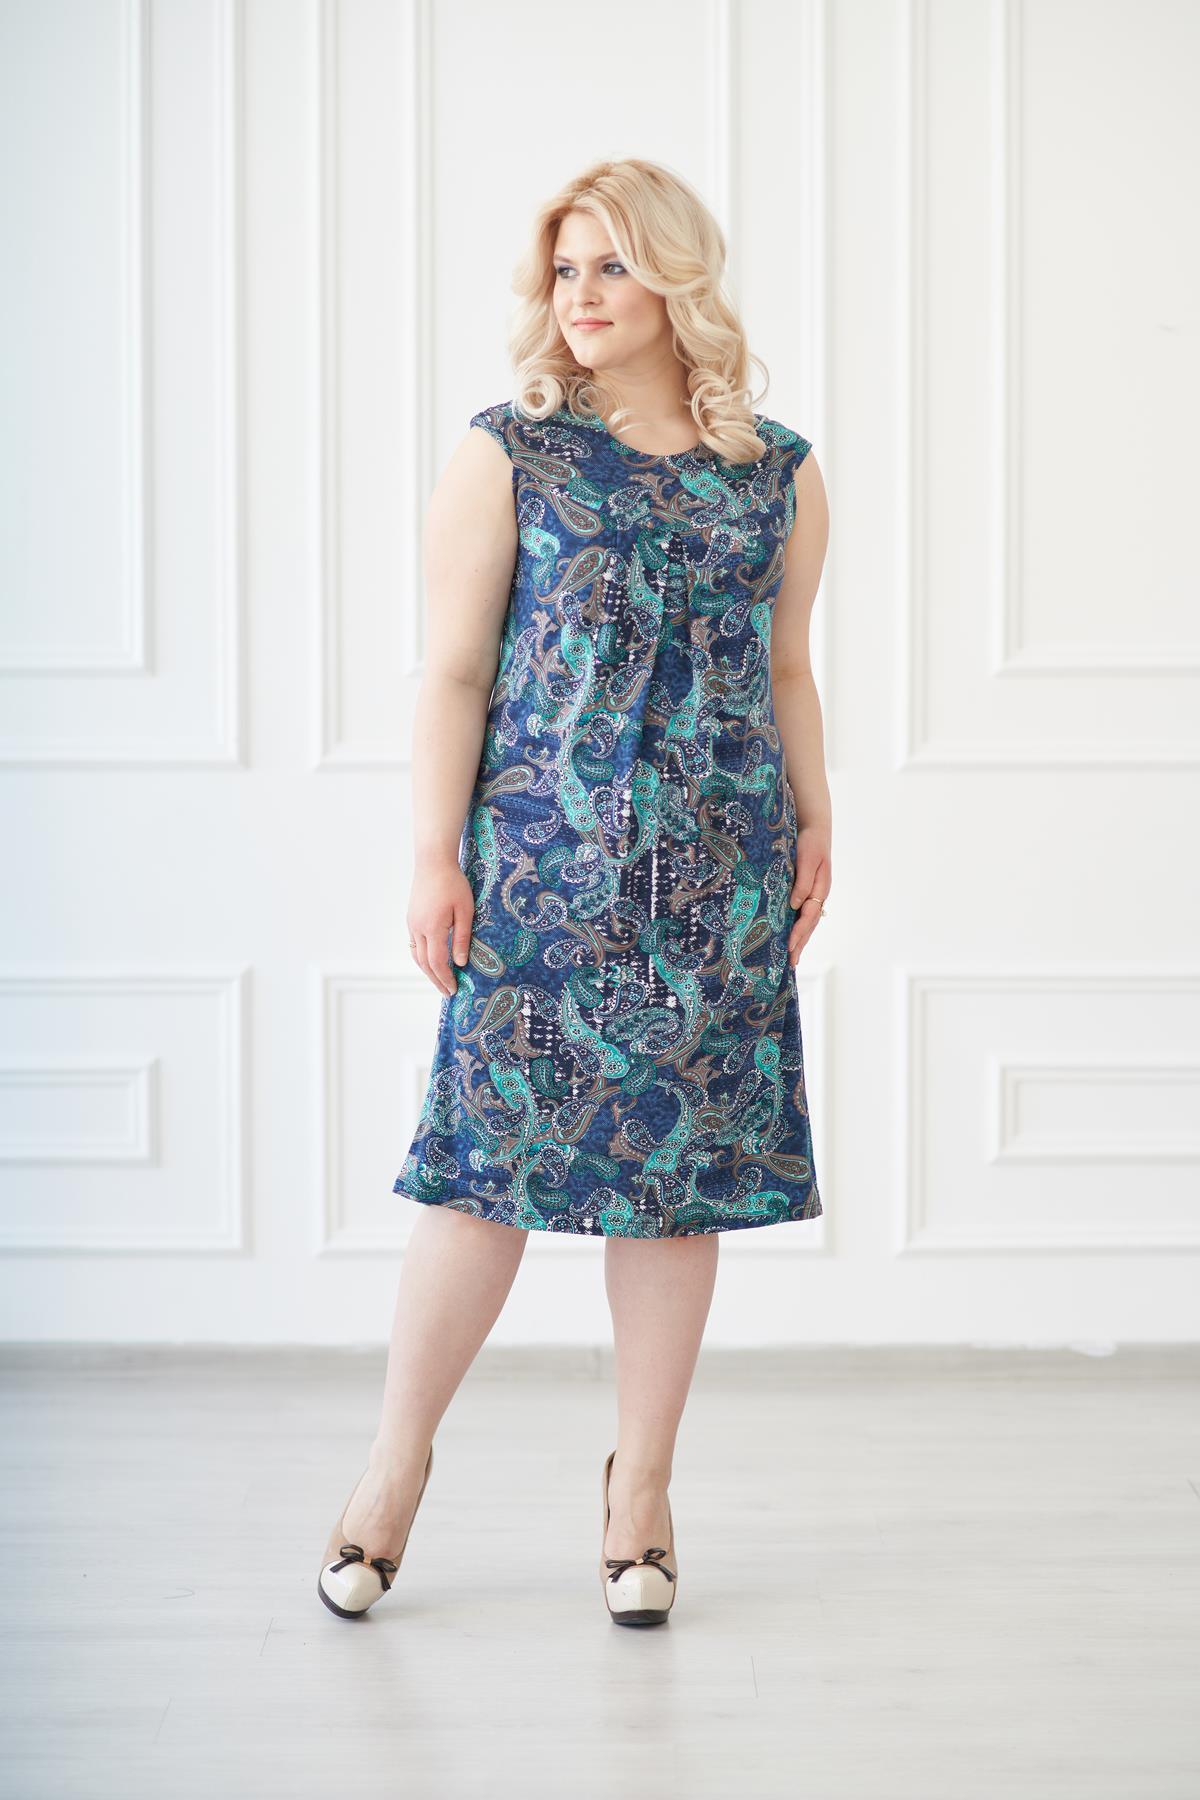 Жен. платье арт. 19-0138 Огурцы р. 46Платья<br>Факт. ОГ: 88 см <br>Факт. ОТ: 88 см <br>Факт. ОБ: 104 см <br>Длина по спинке: 94 см<br><br>Тип: Жен. платье<br>Размер: 46<br>Материал: Вискоза